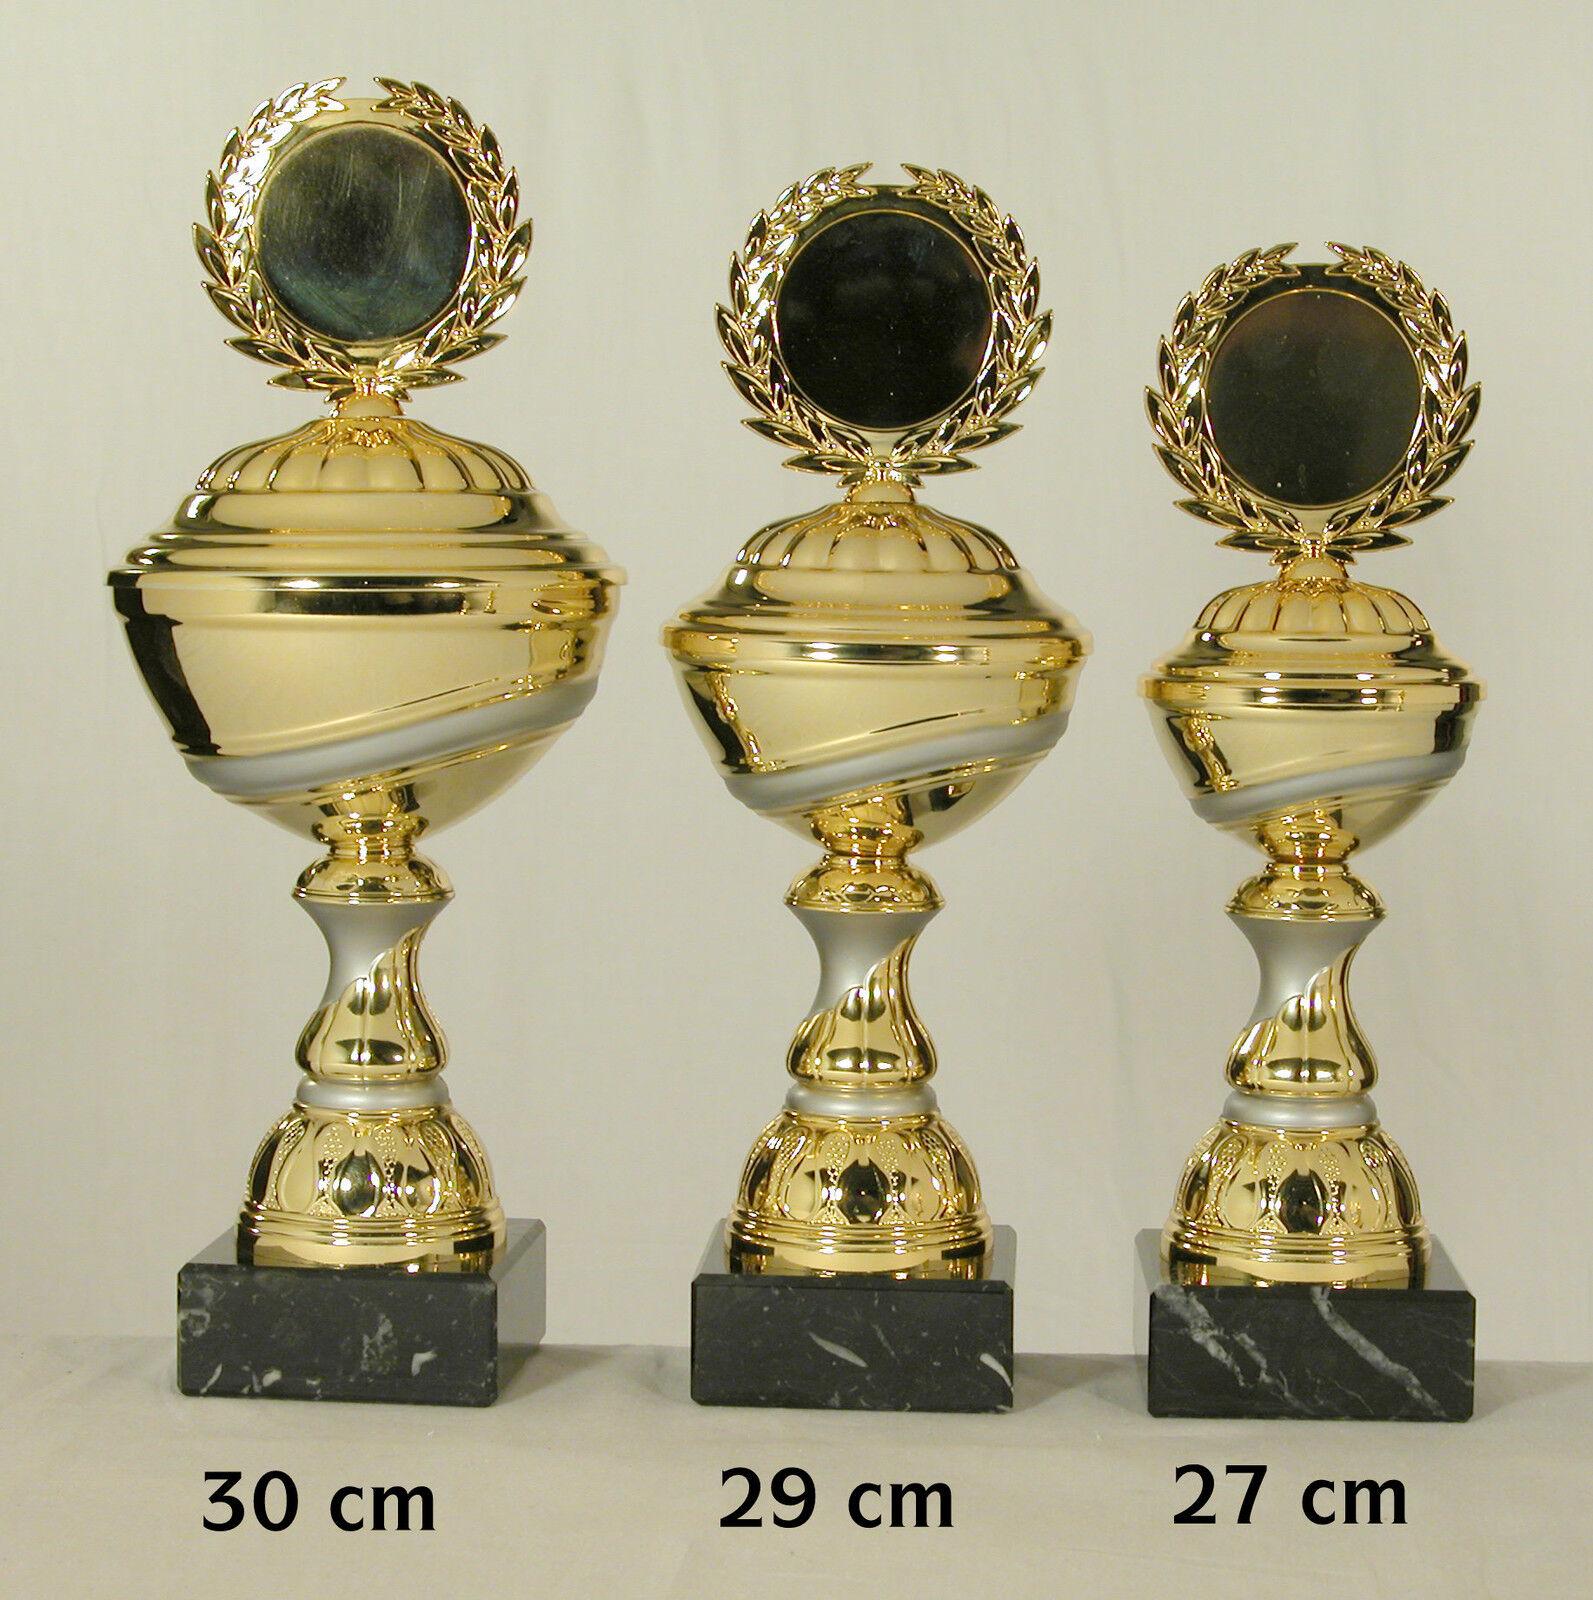 3 Pokale Gold     silberfarben  30 - 29 - 27 cm eischl. Text und Emblem. c8c511